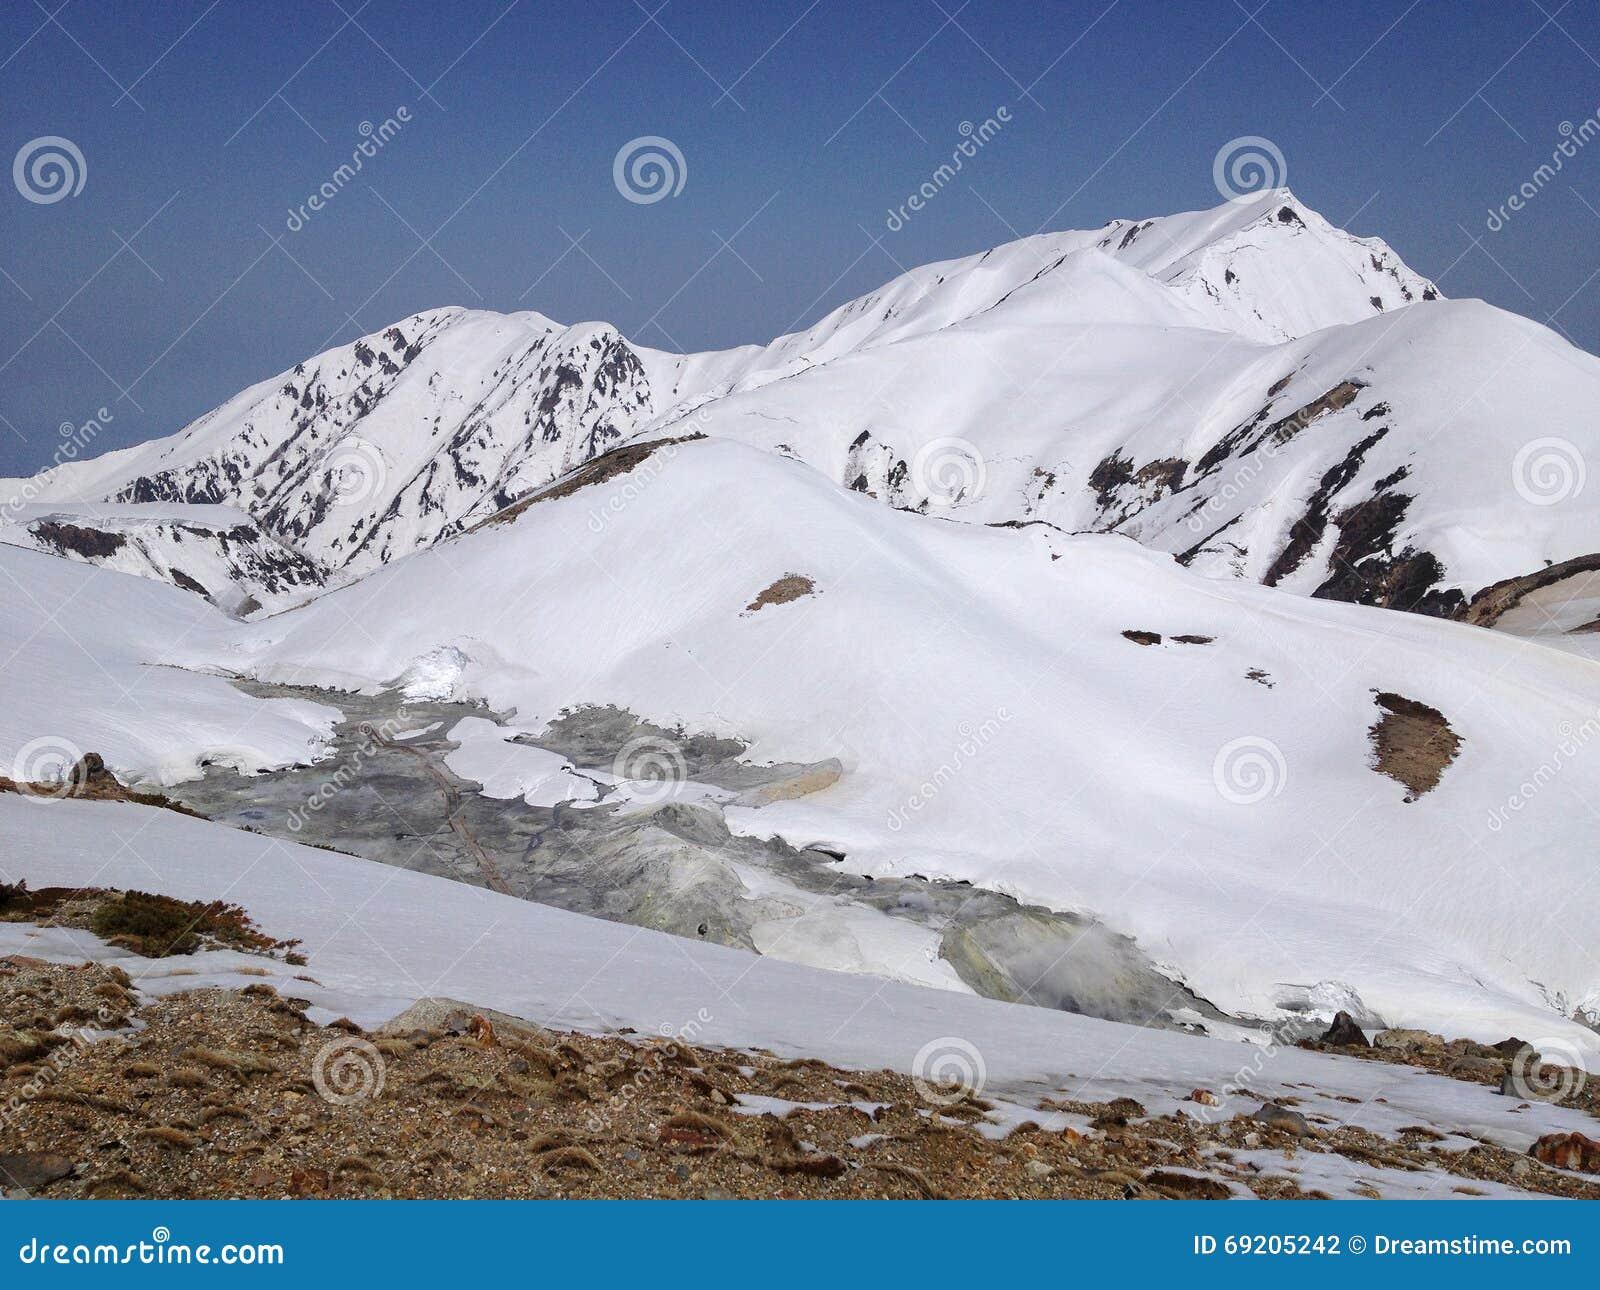 Ruta alpina de Tateyama Kurobe (montañas) de Japón, Toyama, Japón